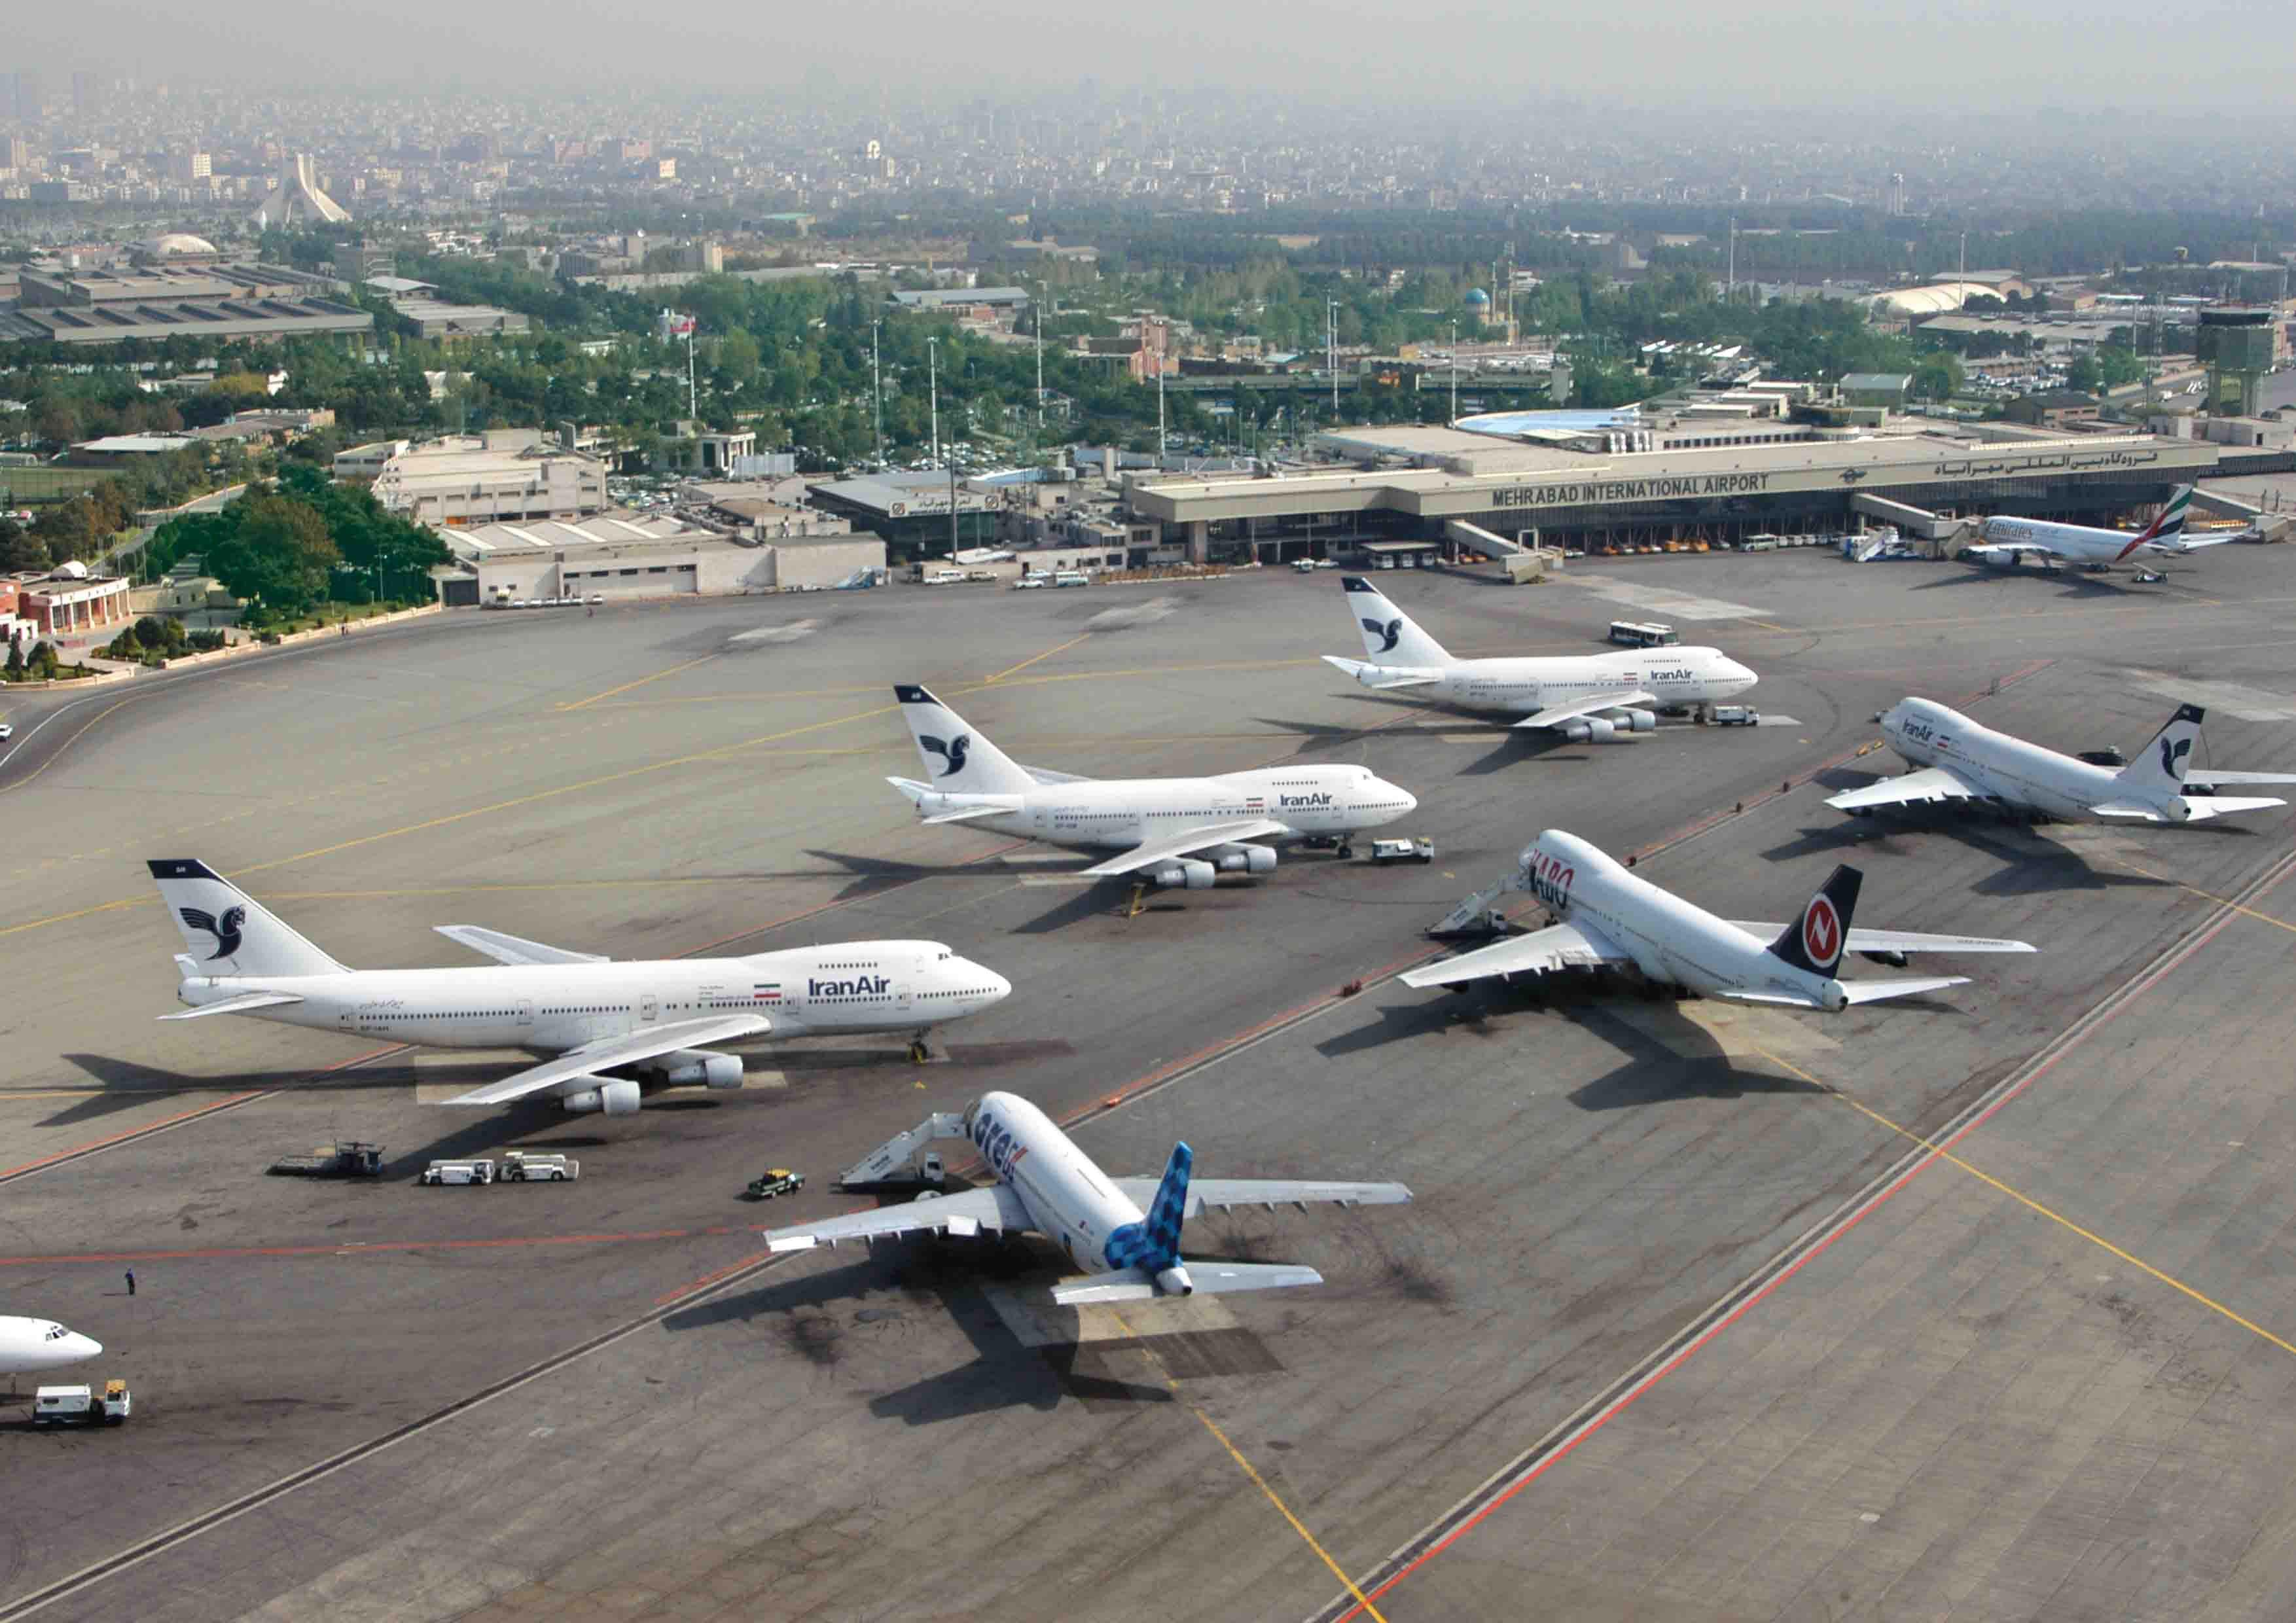 فرودگاه های ایران، آشیانه های امن برای پرواز